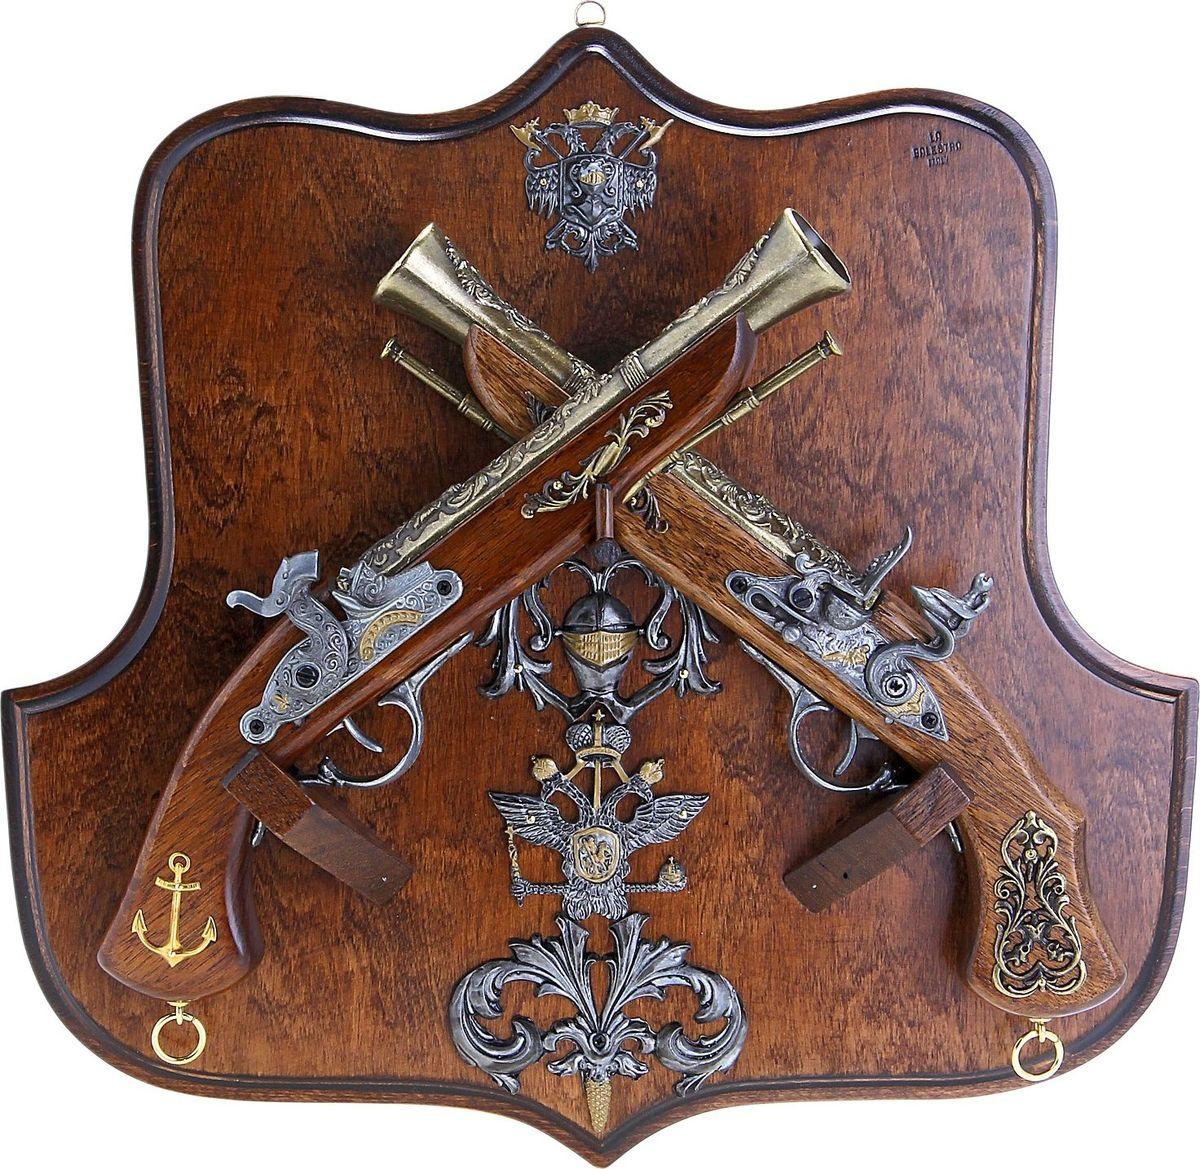 Сувенирное оружие La Balestra Макет 2 пистолей c геральдикой Дуэльные, на планшете, 43 х 41 х 11 см 2 х комфорочную варочную панель